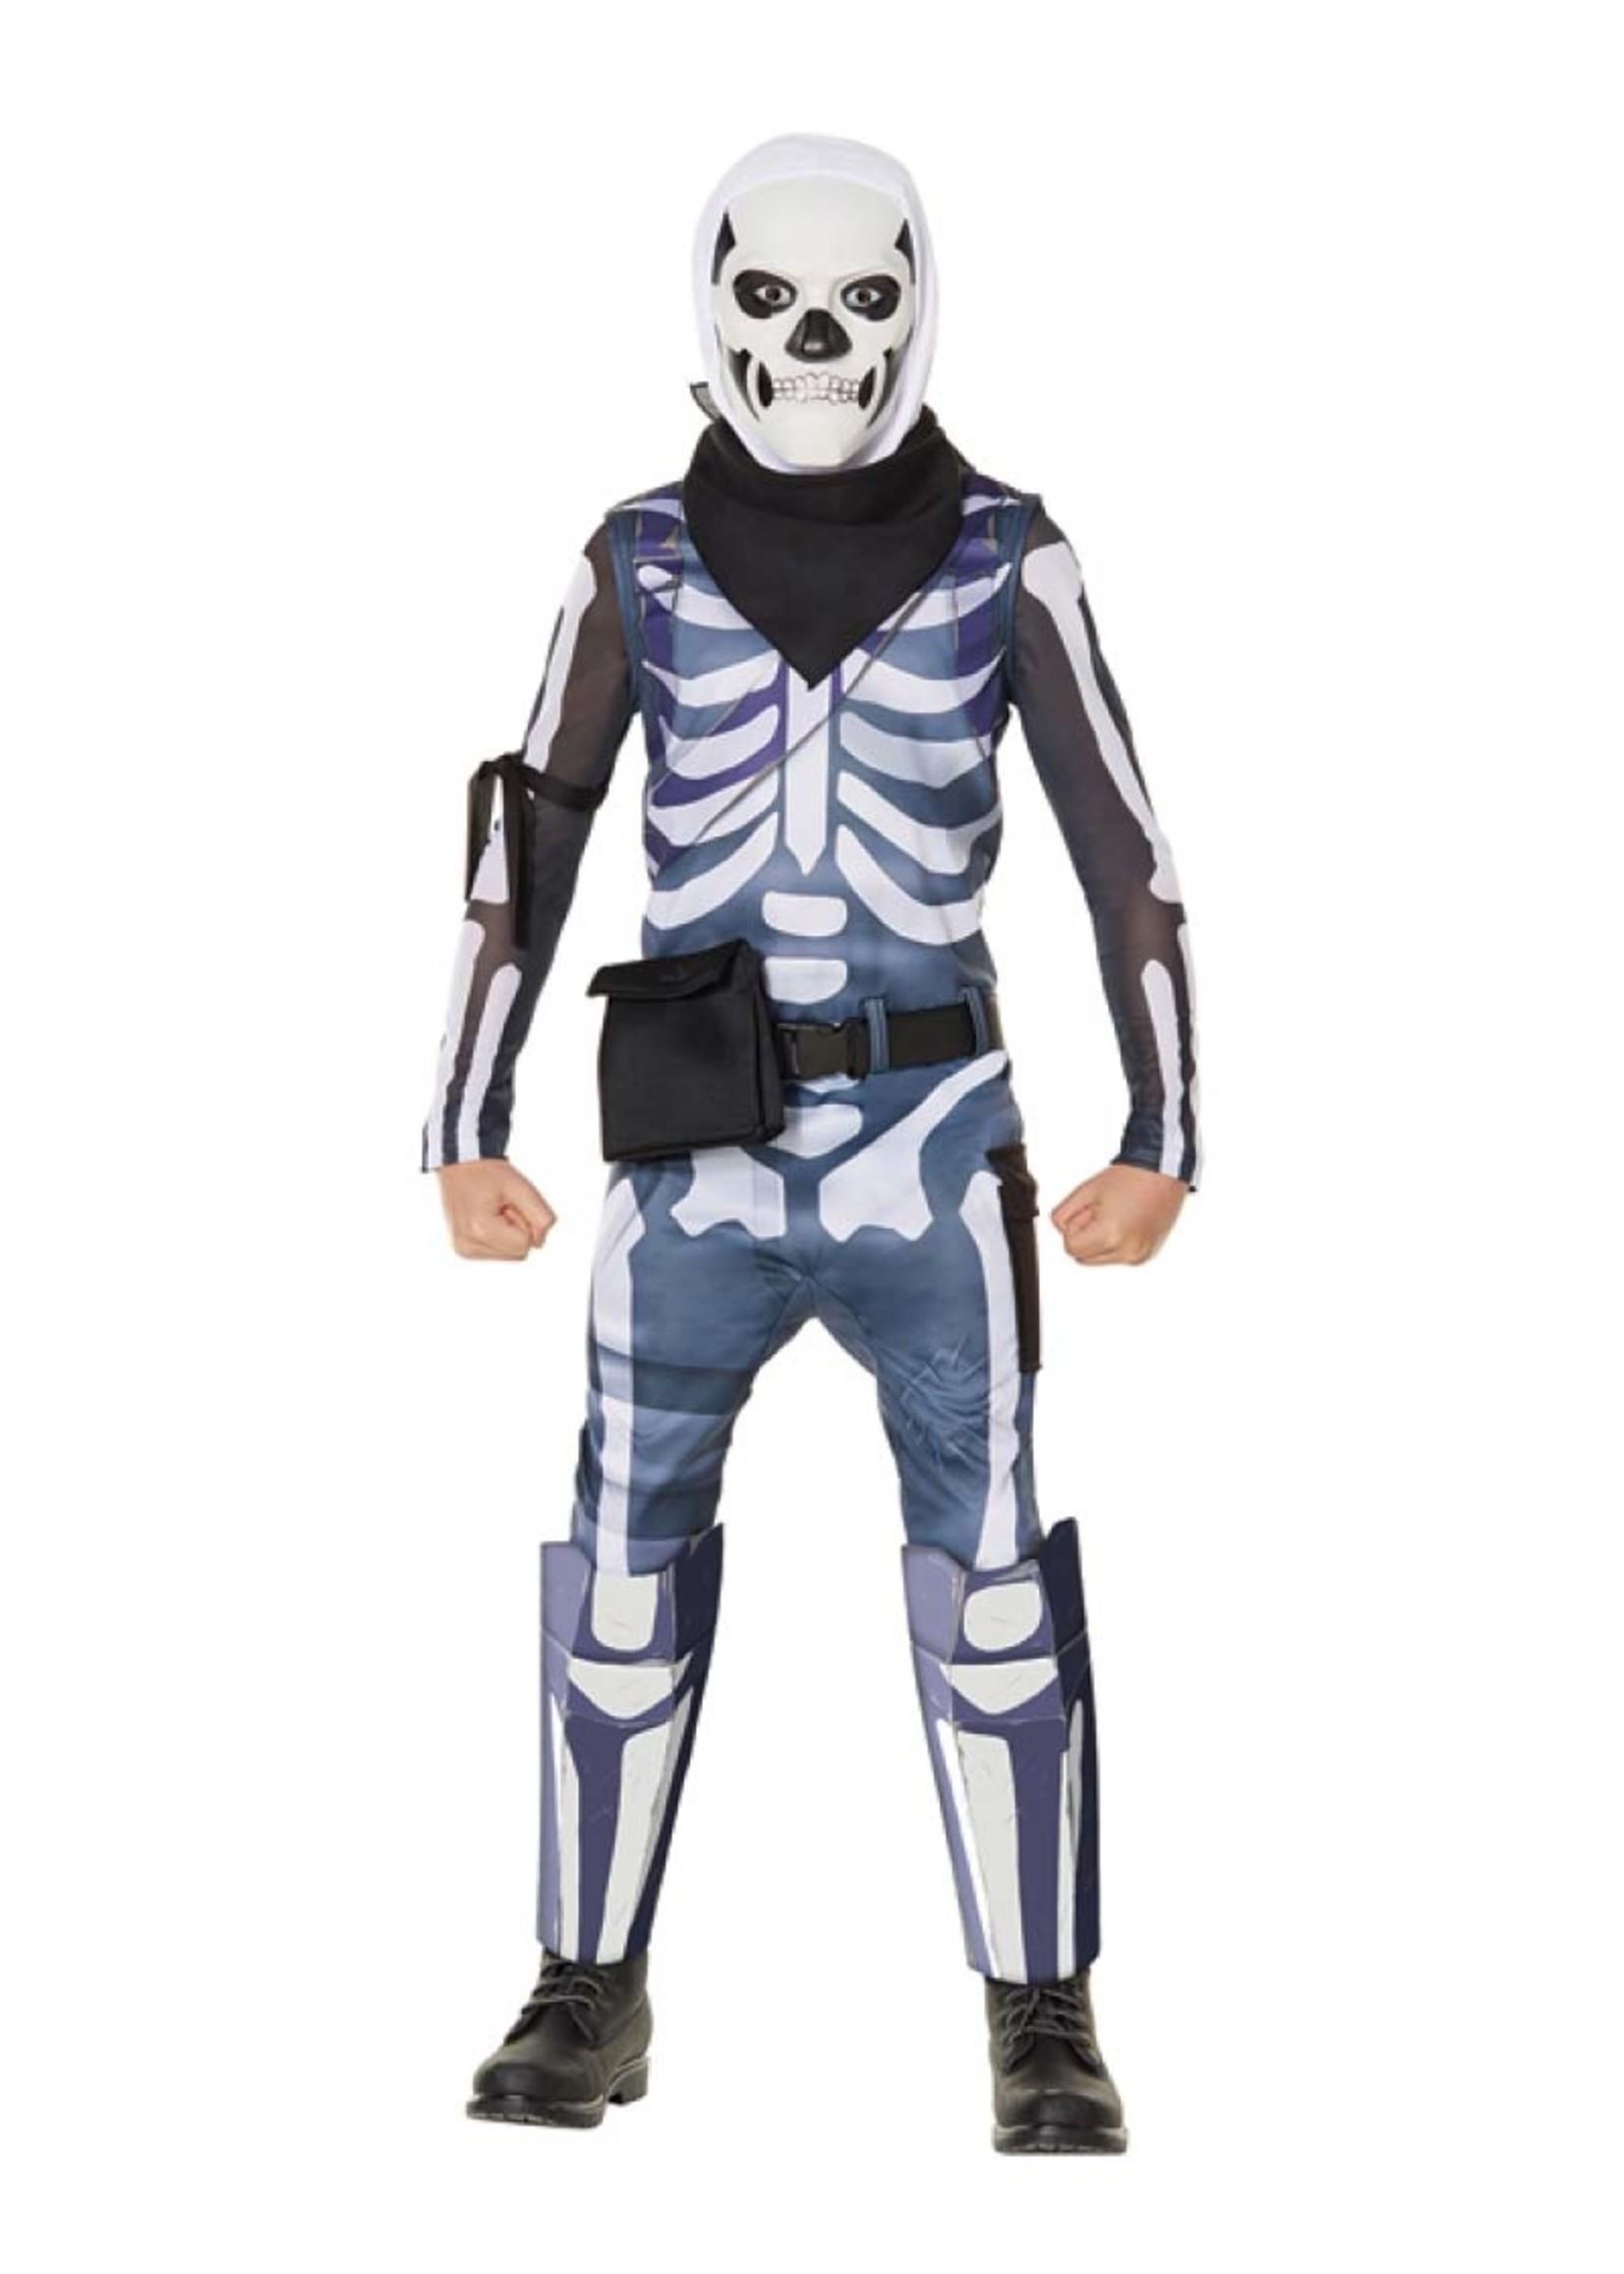 FUN WORLD Fortnite Skull Trooper - Boys